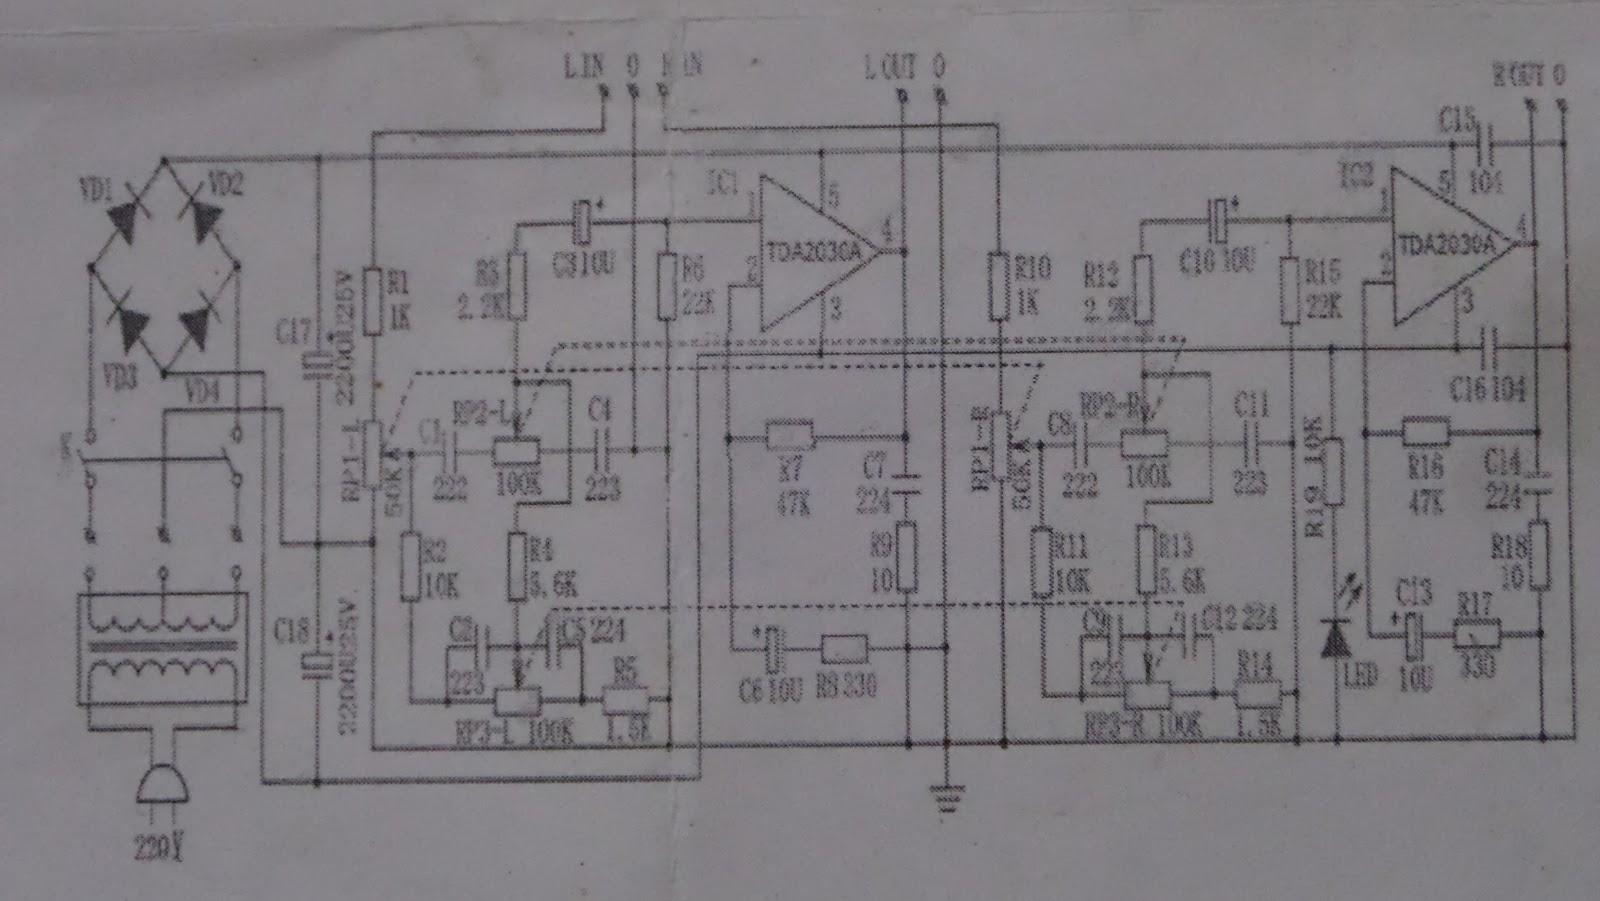 3tawi 12v 30w Diy Tda A Dual Track Power Amplifier